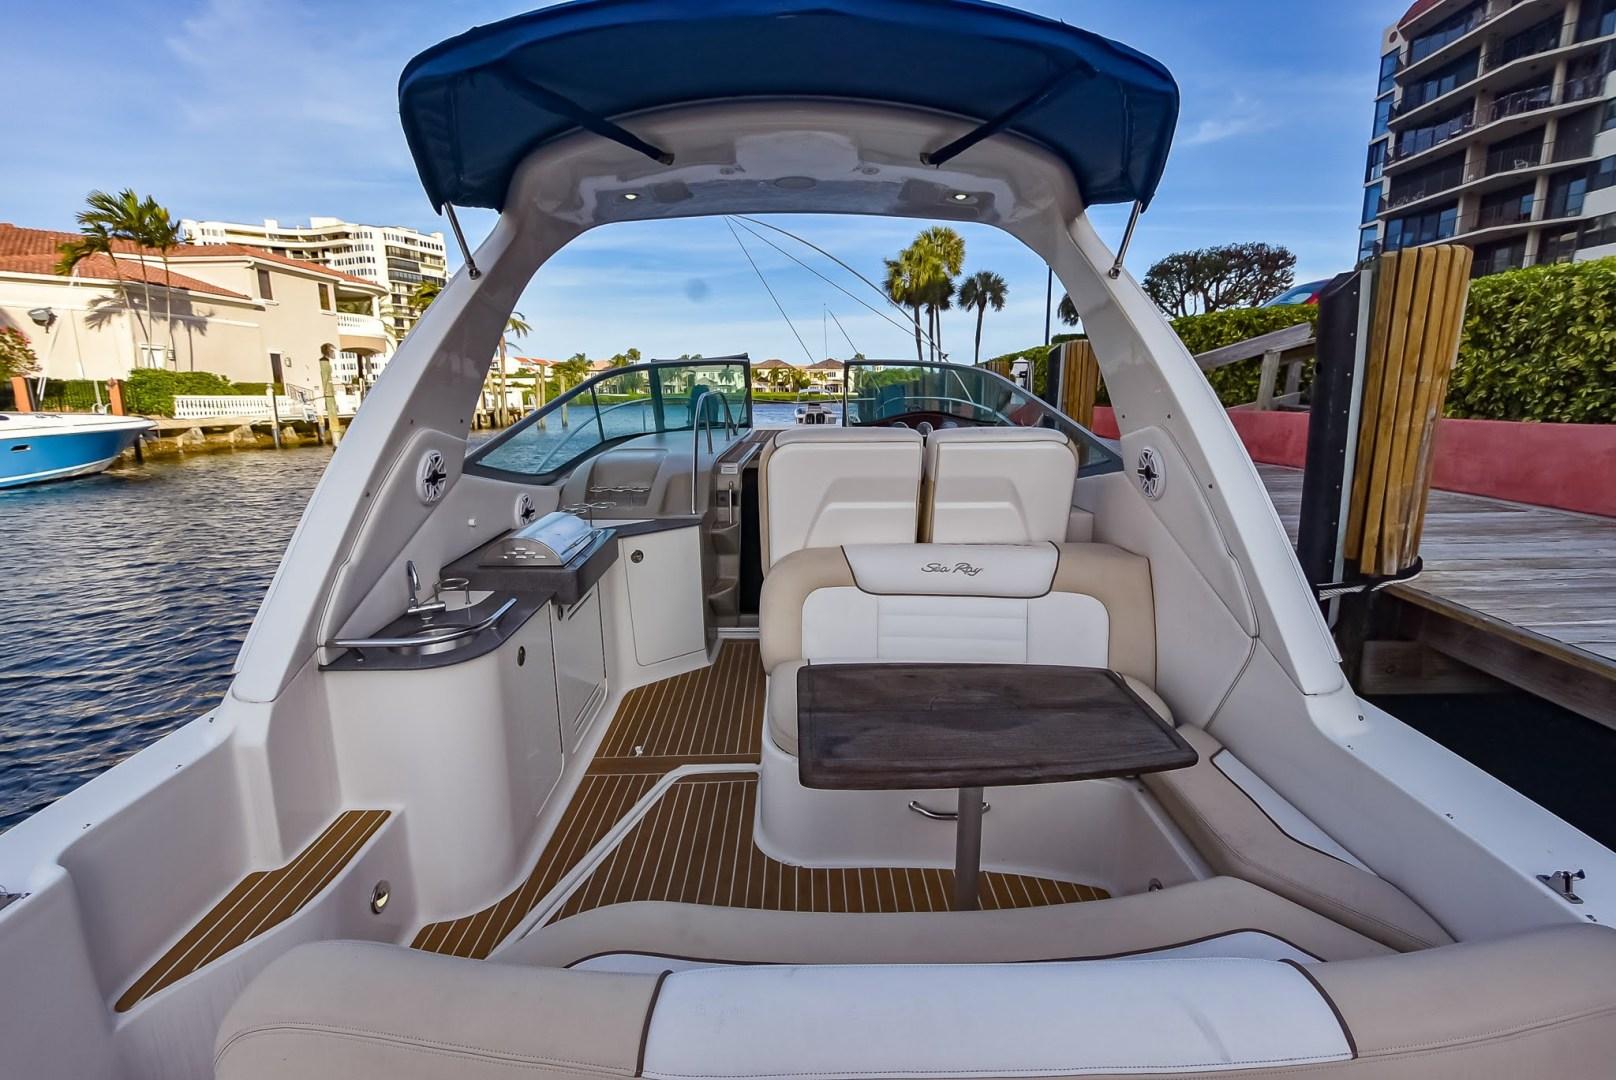 Sea Ray-330 Sundancer 2013-Sea E O Ready Boca Raton-Florida-United States-33 Sea Ray 330 Sundancer-1633177 | Thumbnail